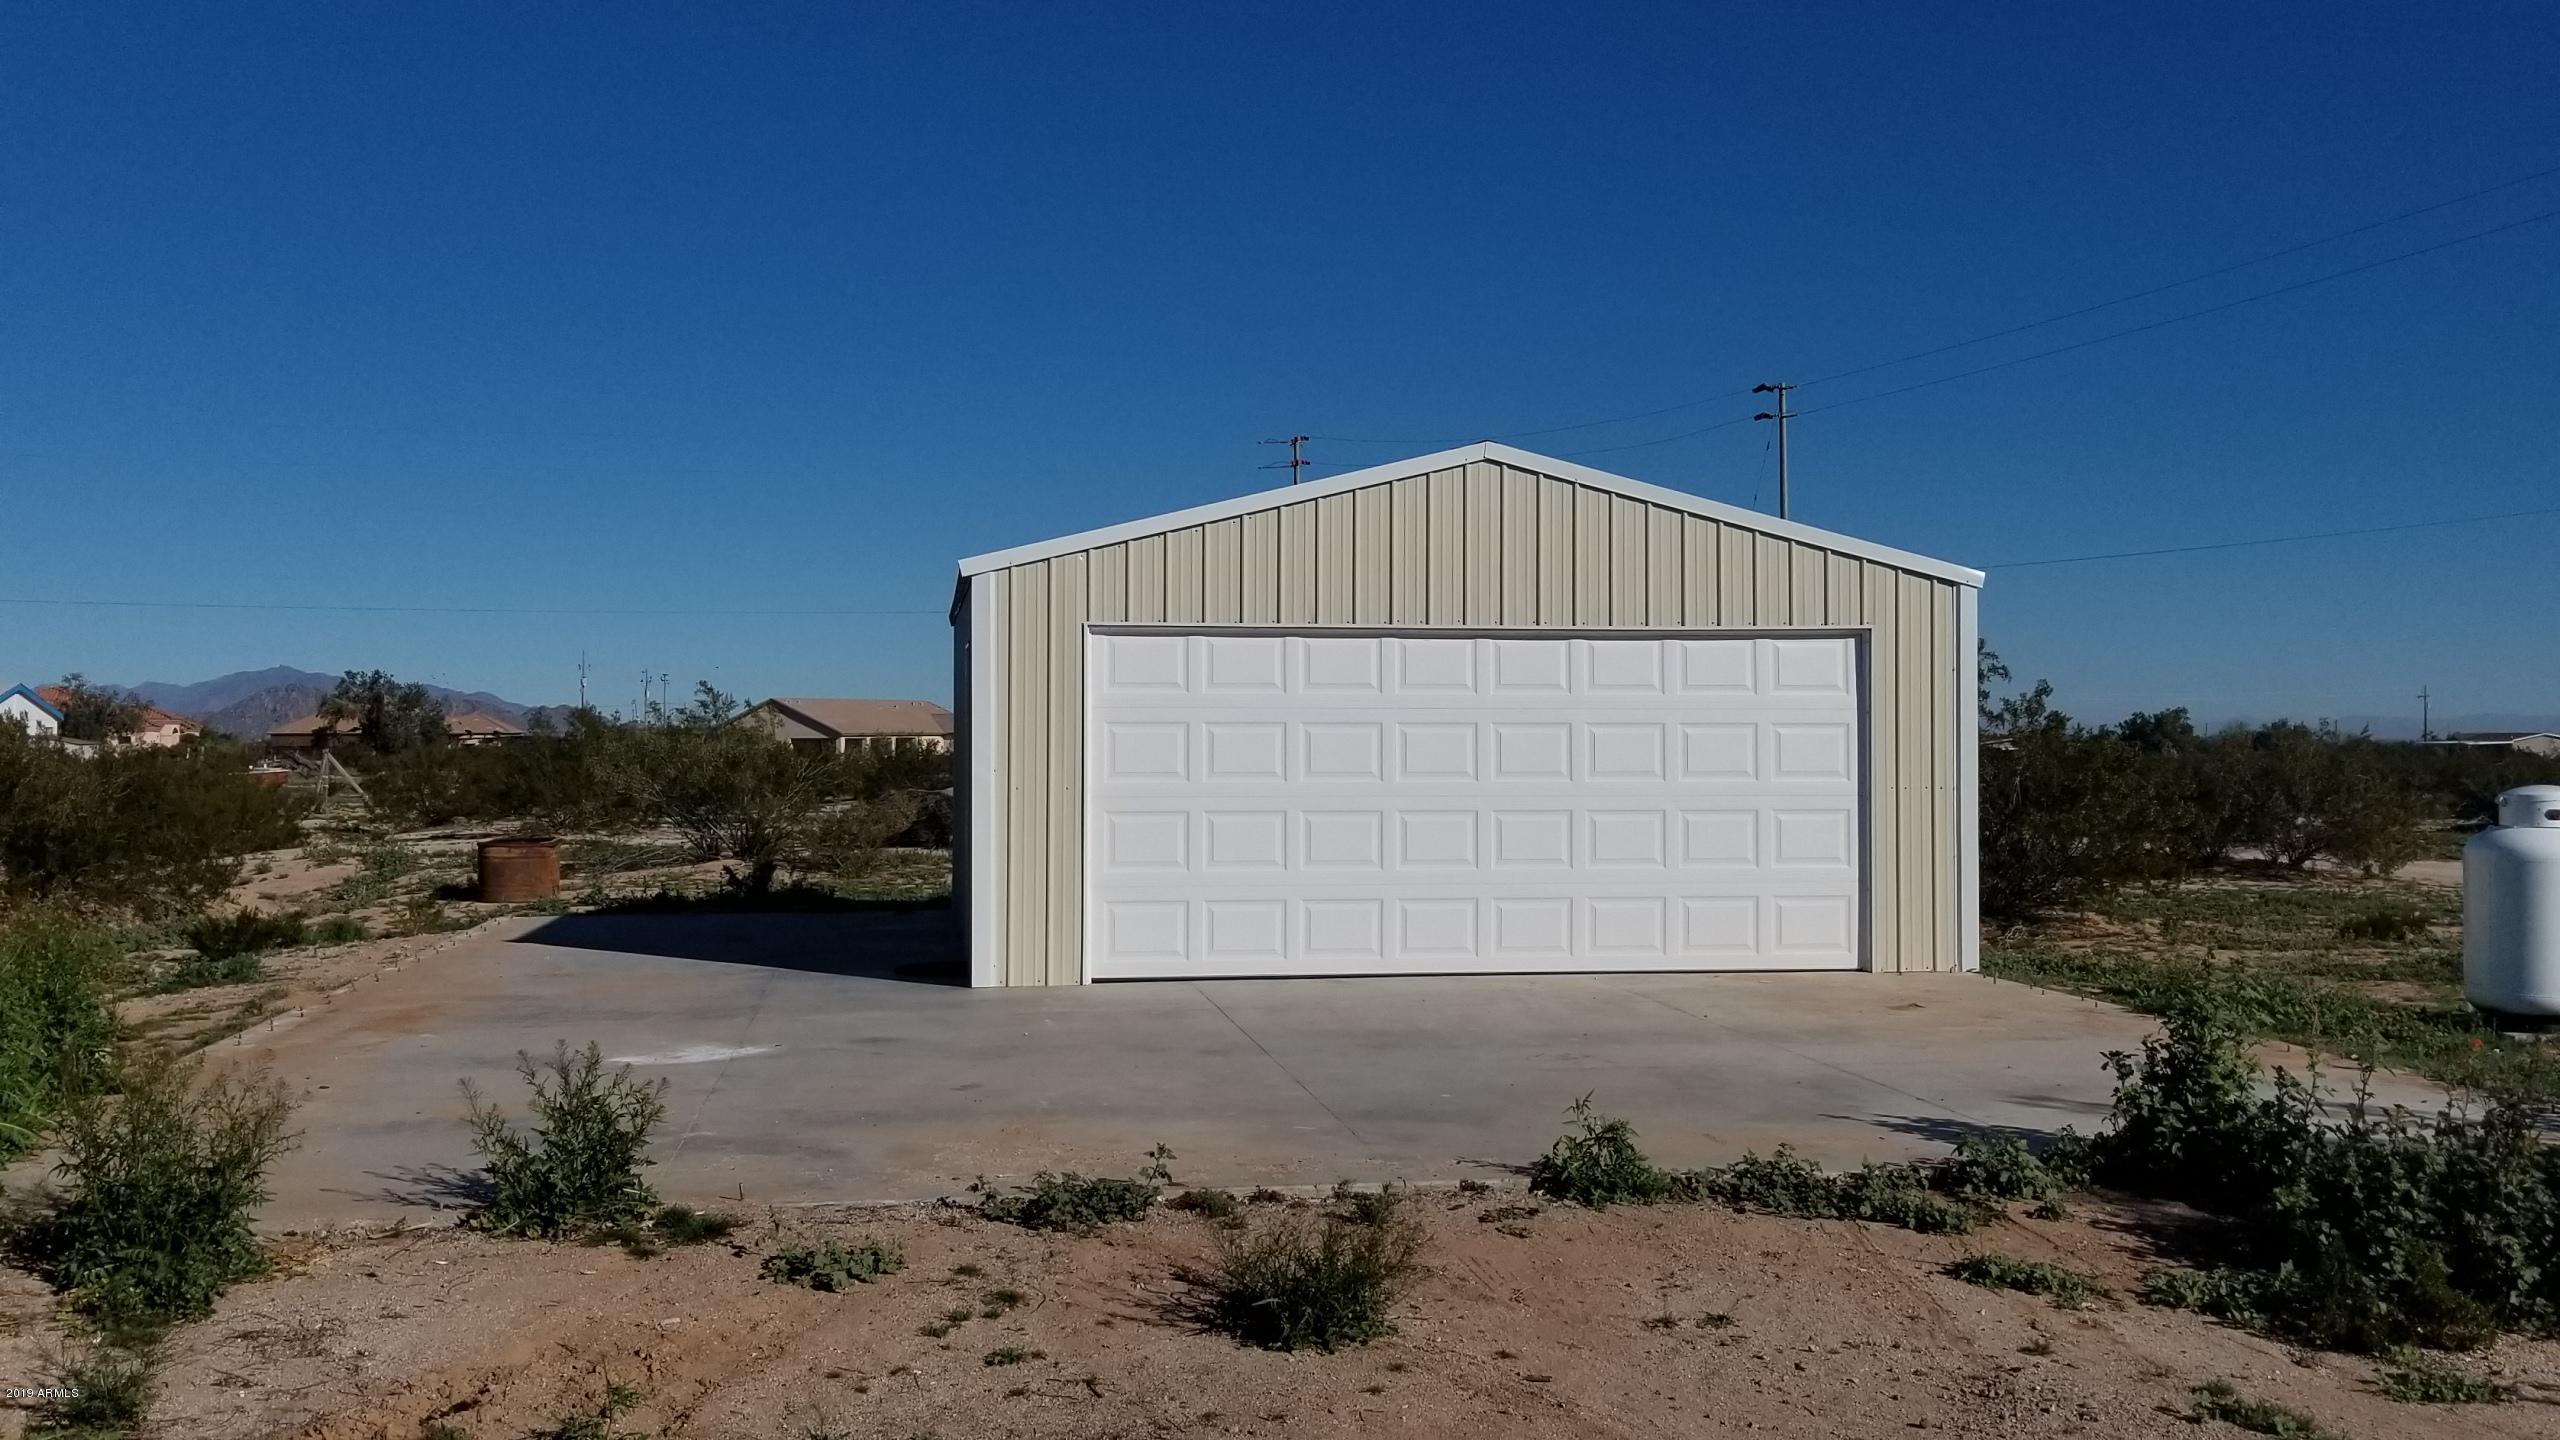 MLS 5867901 51022 W JENNIFER Road, Maricopa, AZ 85139 Maricopa AZ Hidden Valley